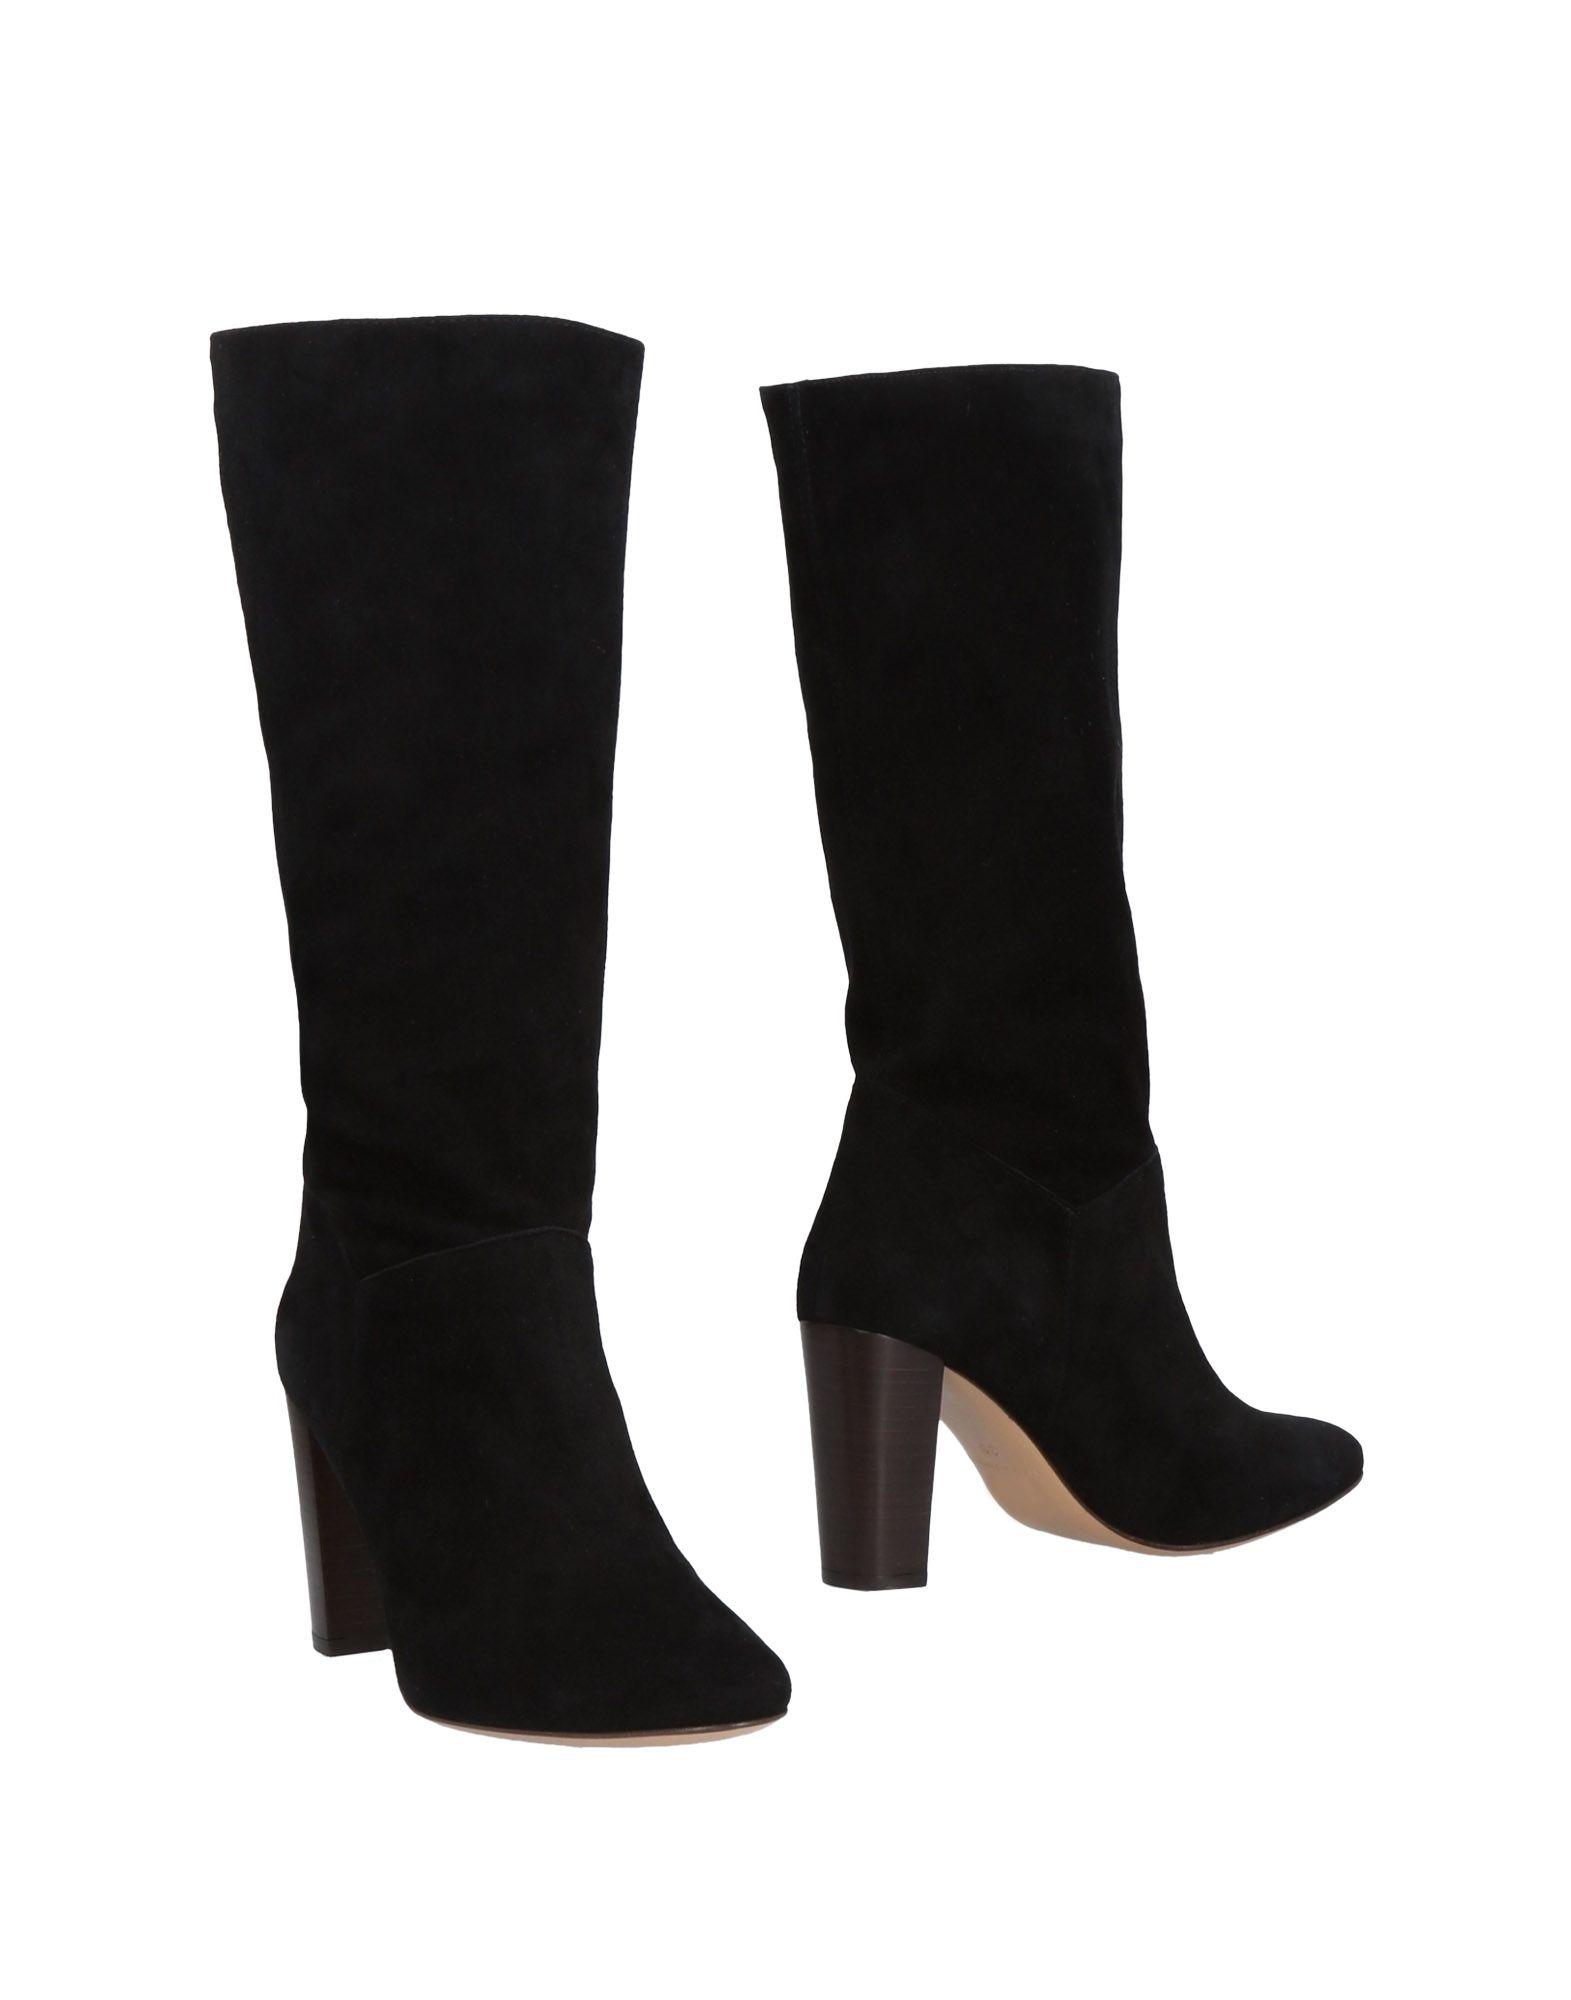 Tila March Stiefel aussehende Damen  11456577LDGut aussehende Stiefel strapazierfähige Schuhe a5d839